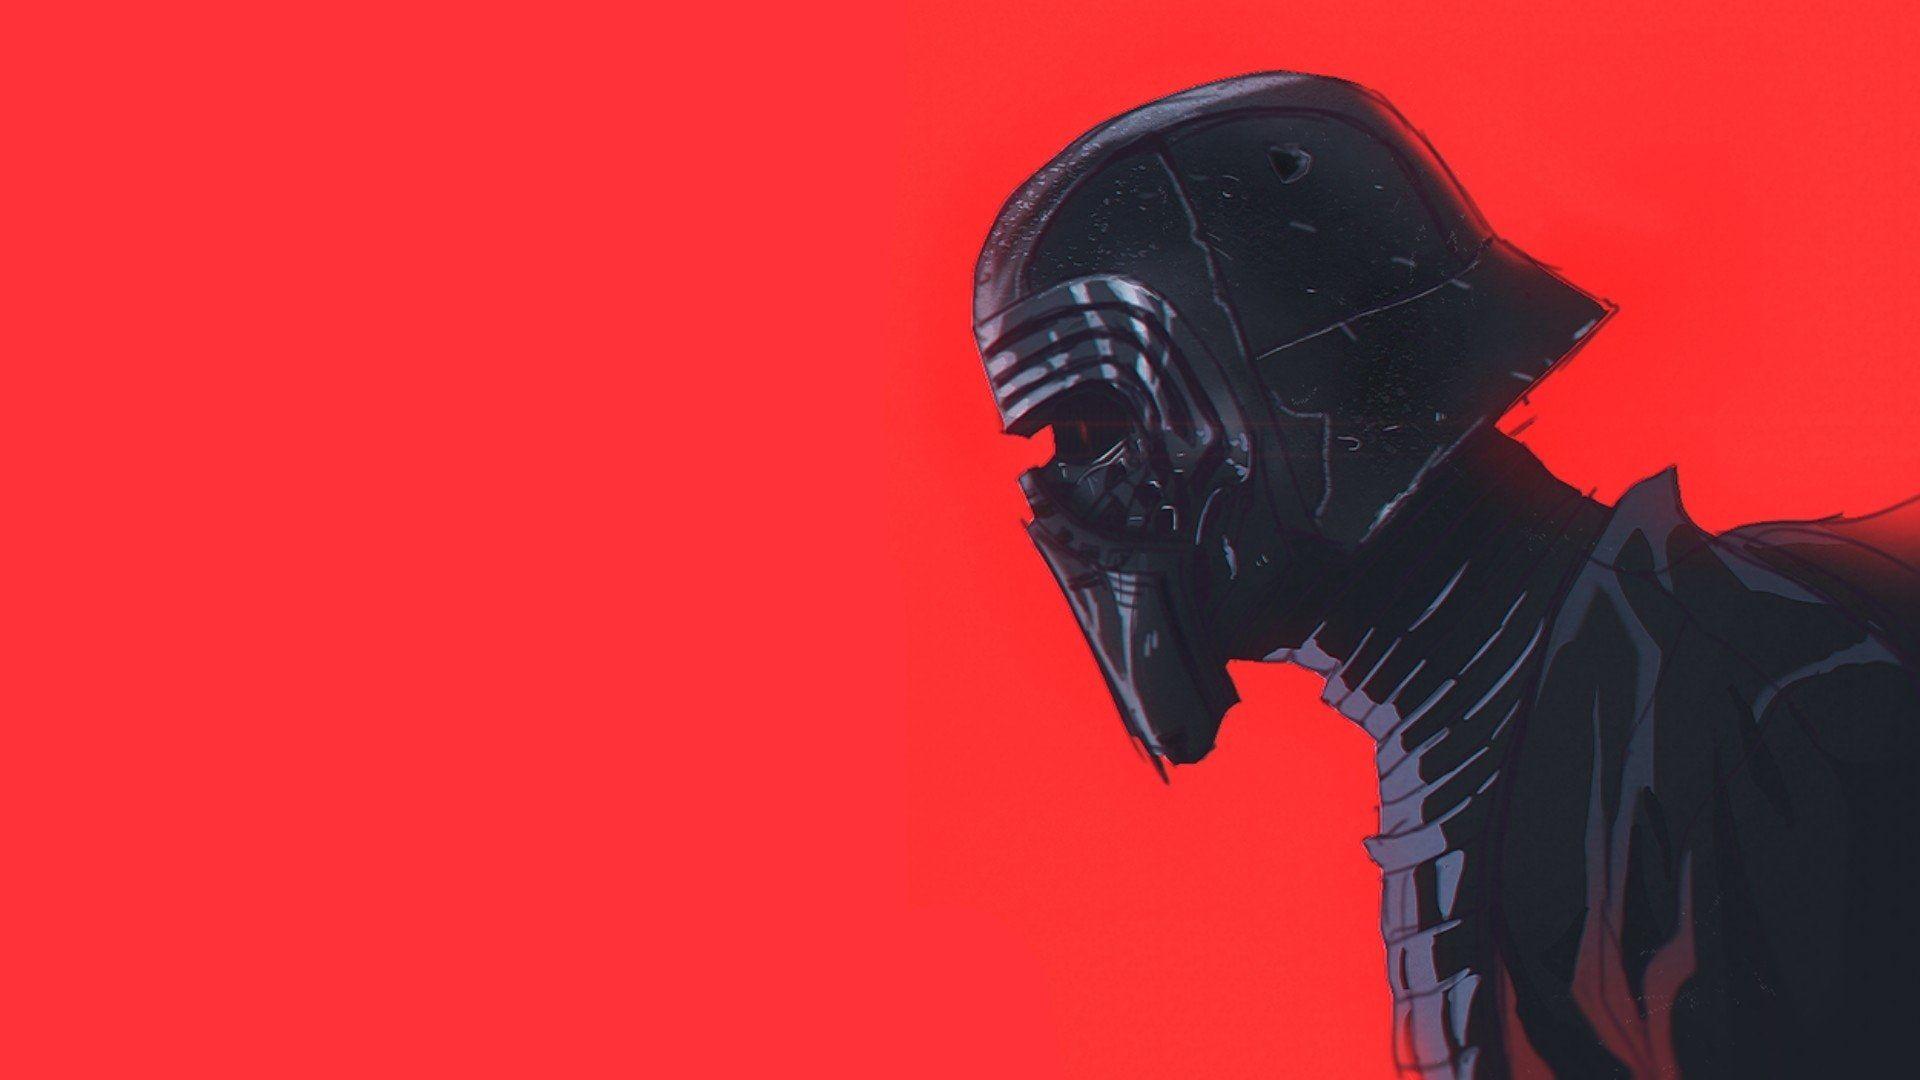 Star Wars Kylo Ren 1080p Wallpaper Hdwallpaper Desktop Kylo Ren Wallpaper Star Wars Wallpaper Star Wars Kylo Ren